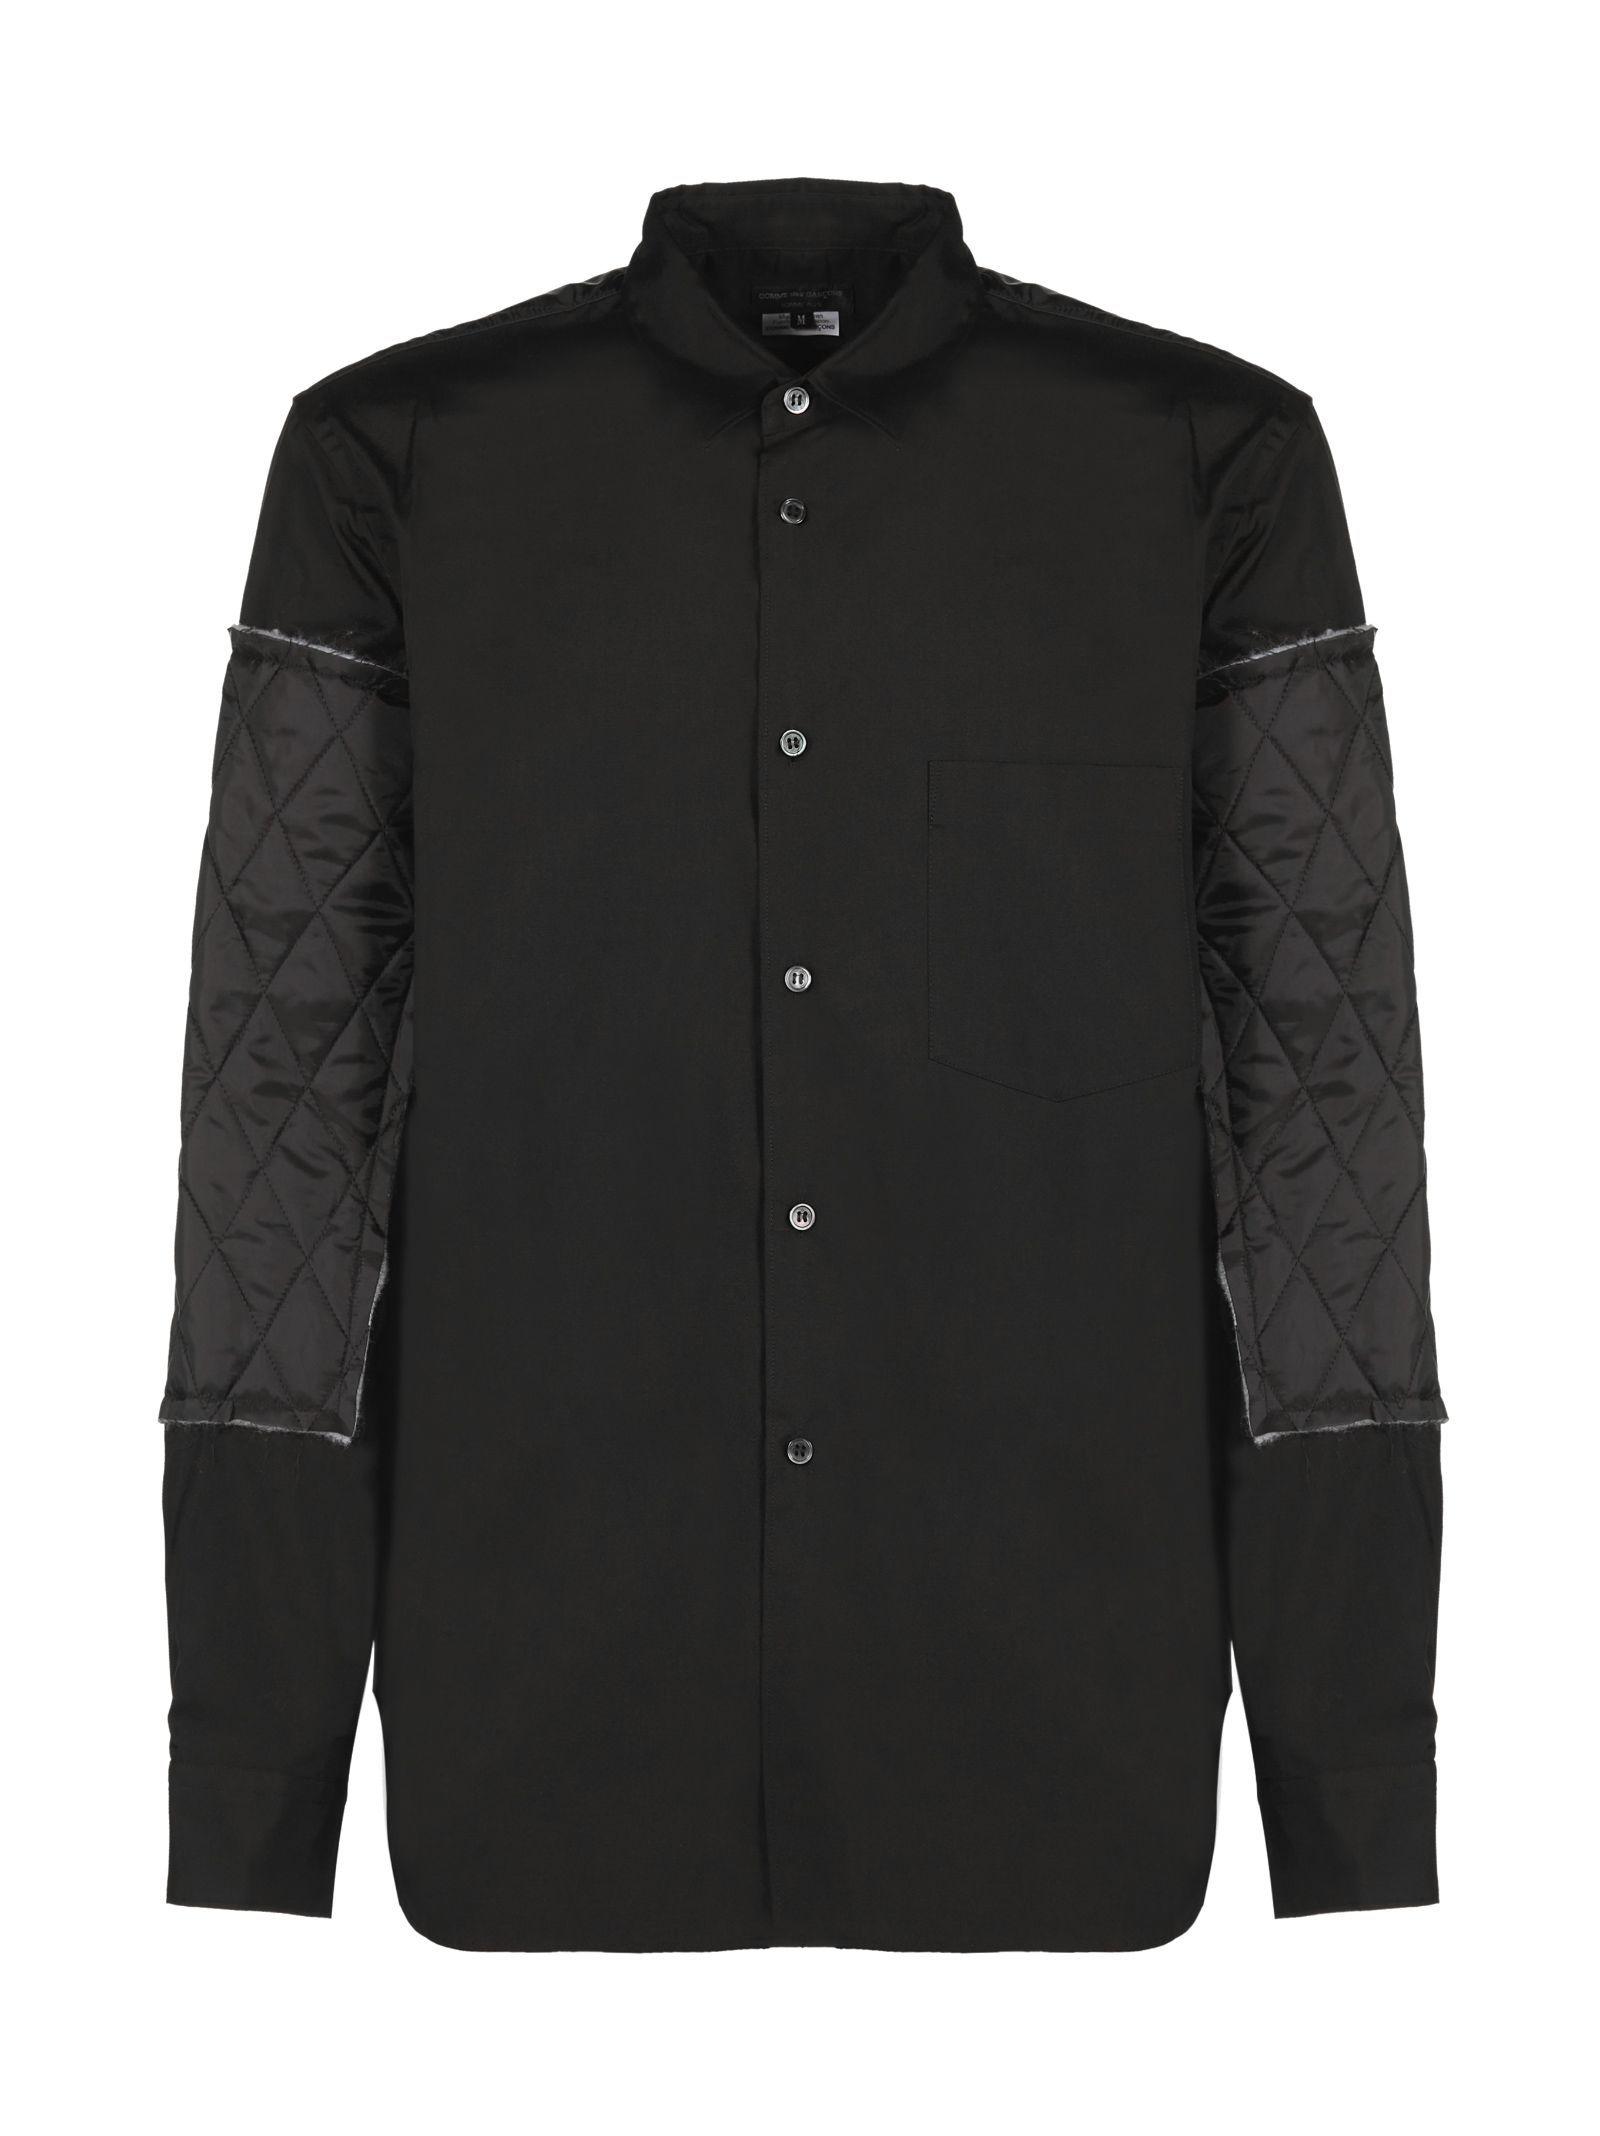 Dior Homme AW 03 Luster Napoleon coat sz 48   Fshn House - Hedi Slimane   Dior  homme, Dior, Coat 50a4f4eace3